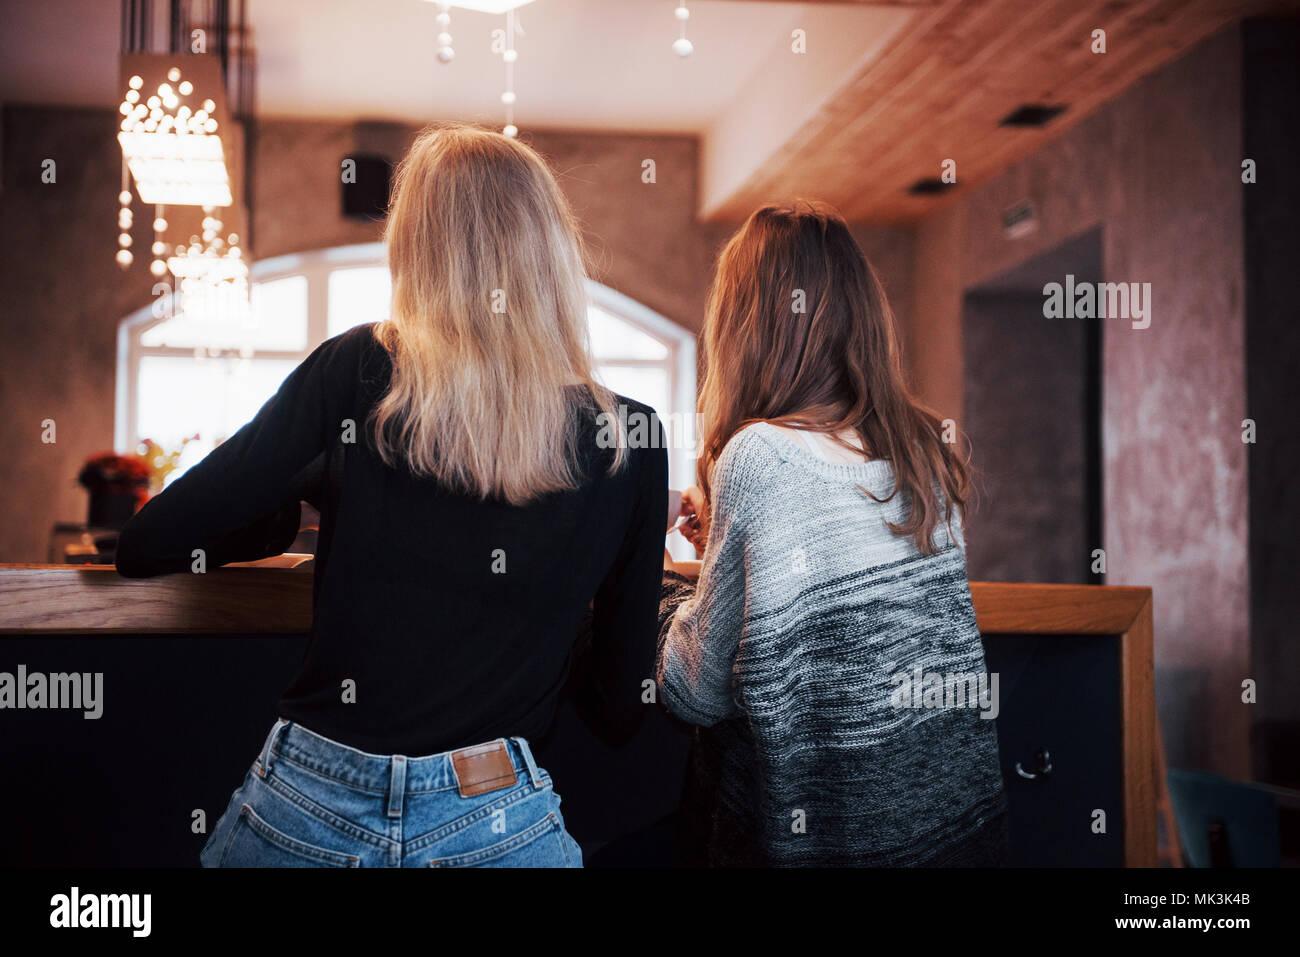 Due gli amici sorseggiando caffè insieme in un negozio di caffè come essi sedersi a un tavolo in chat Immagini Stock